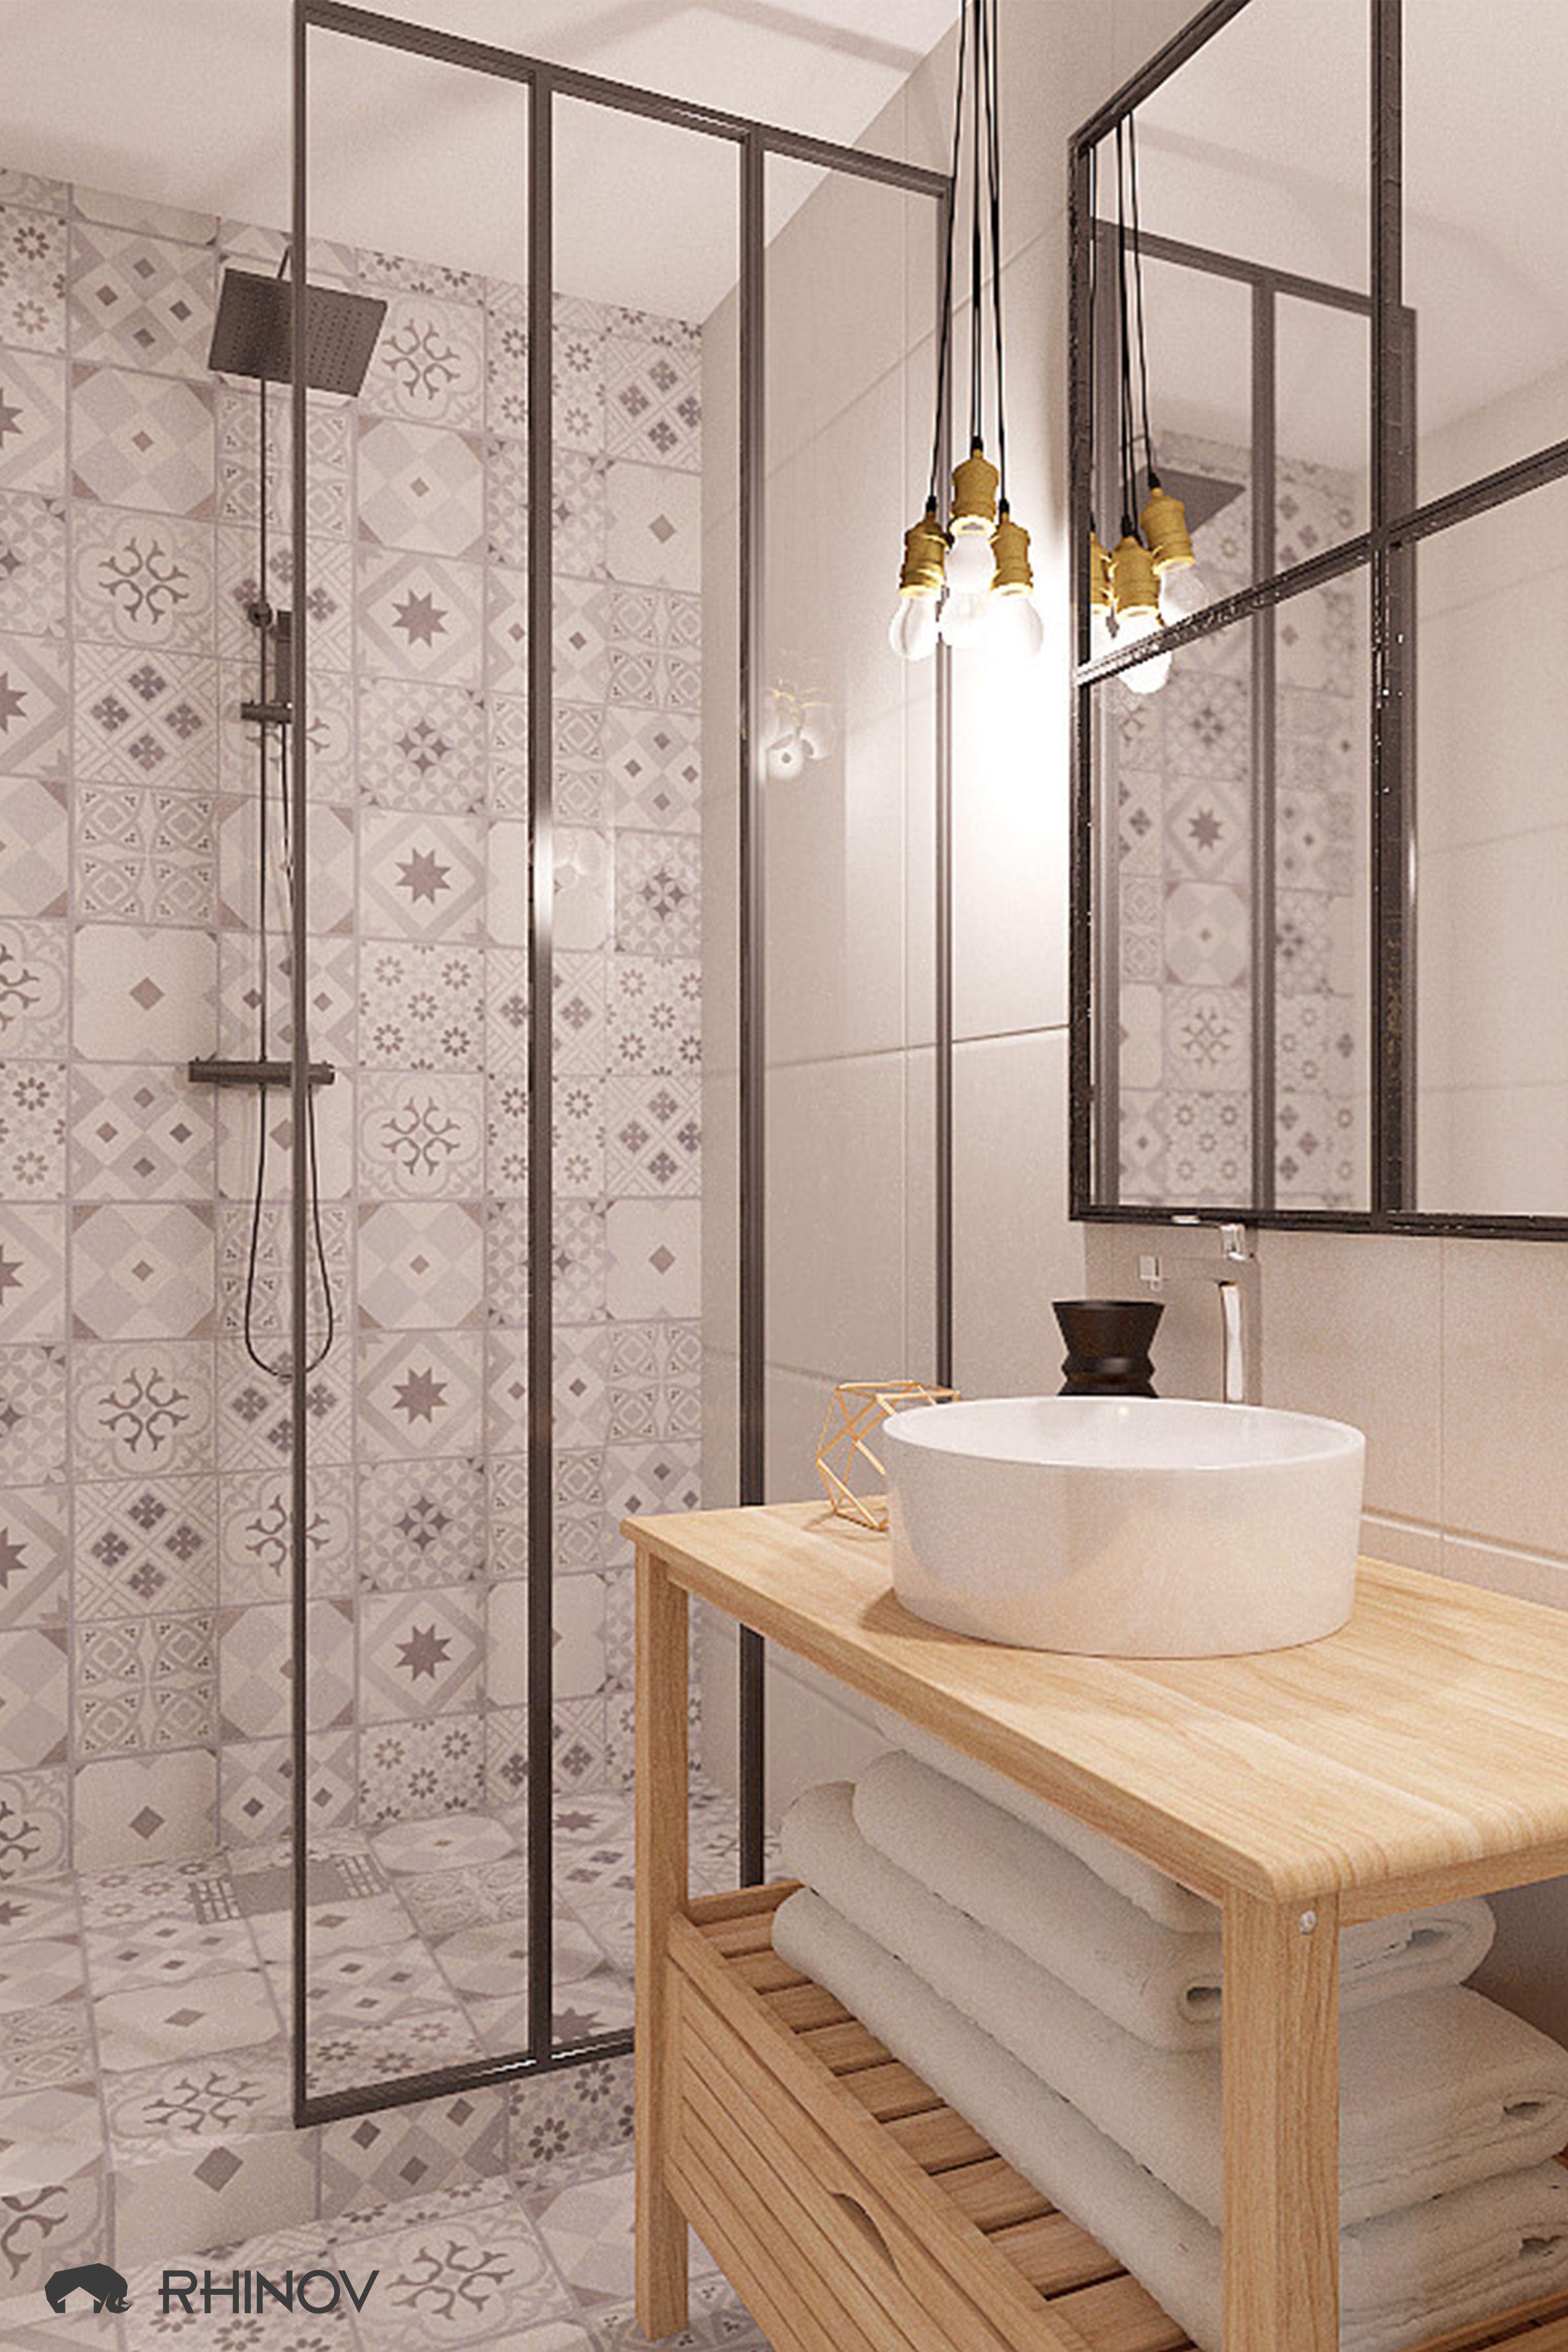 19+ Decoration salle de bain carreaux ciment inspirations